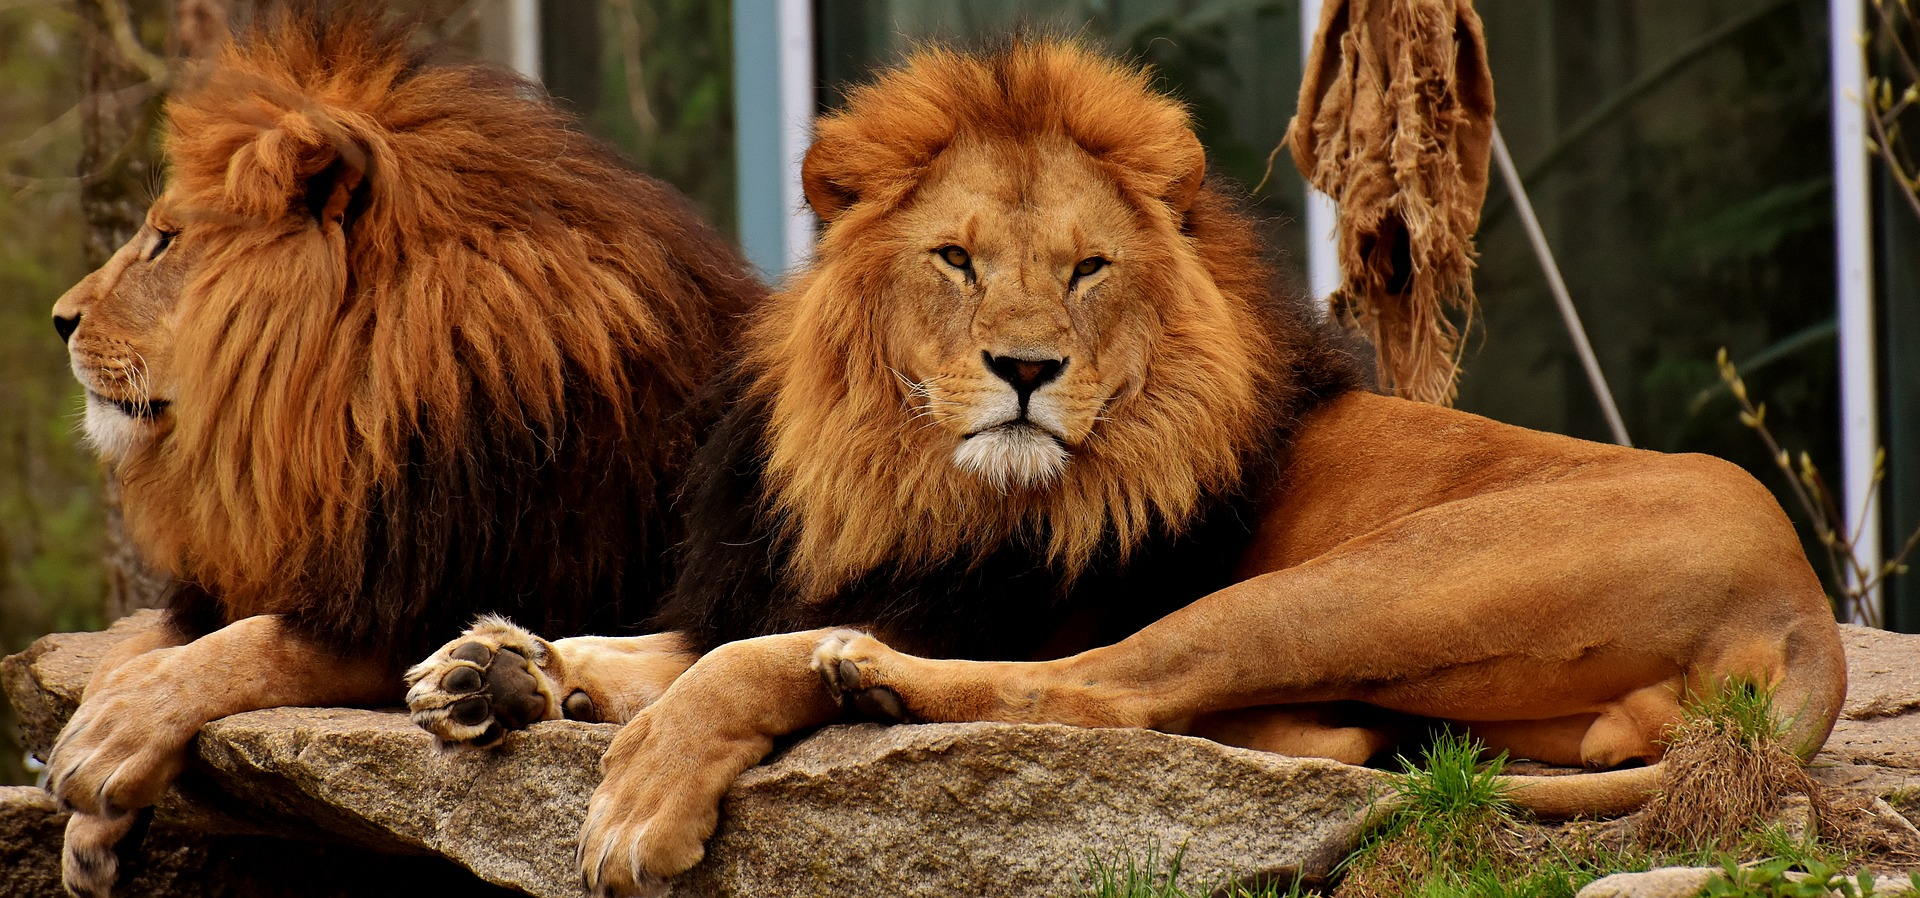 lion-3318085_1920